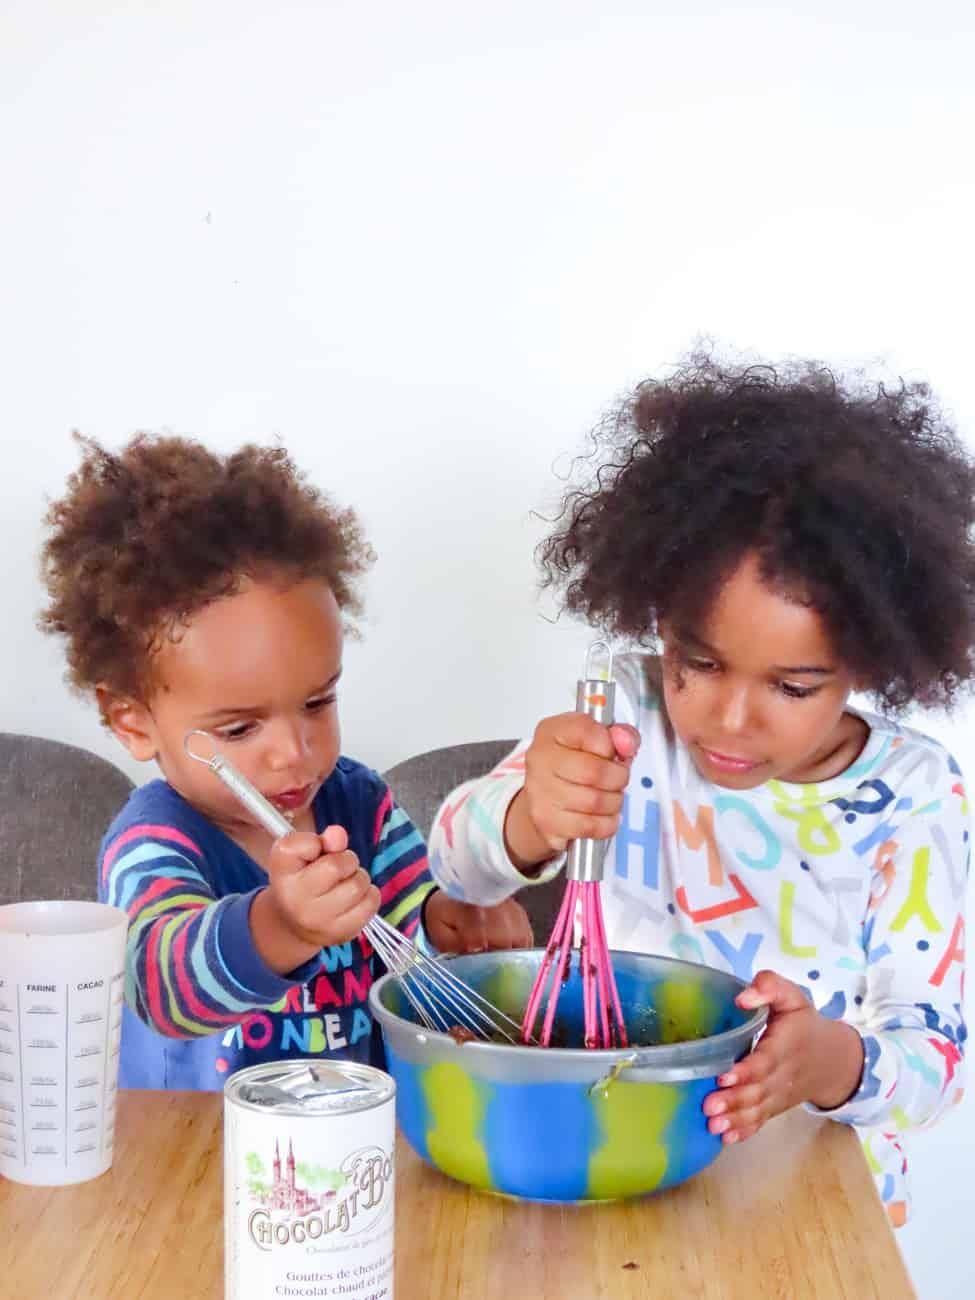 cuisiner-avec-enfants-recettes-9